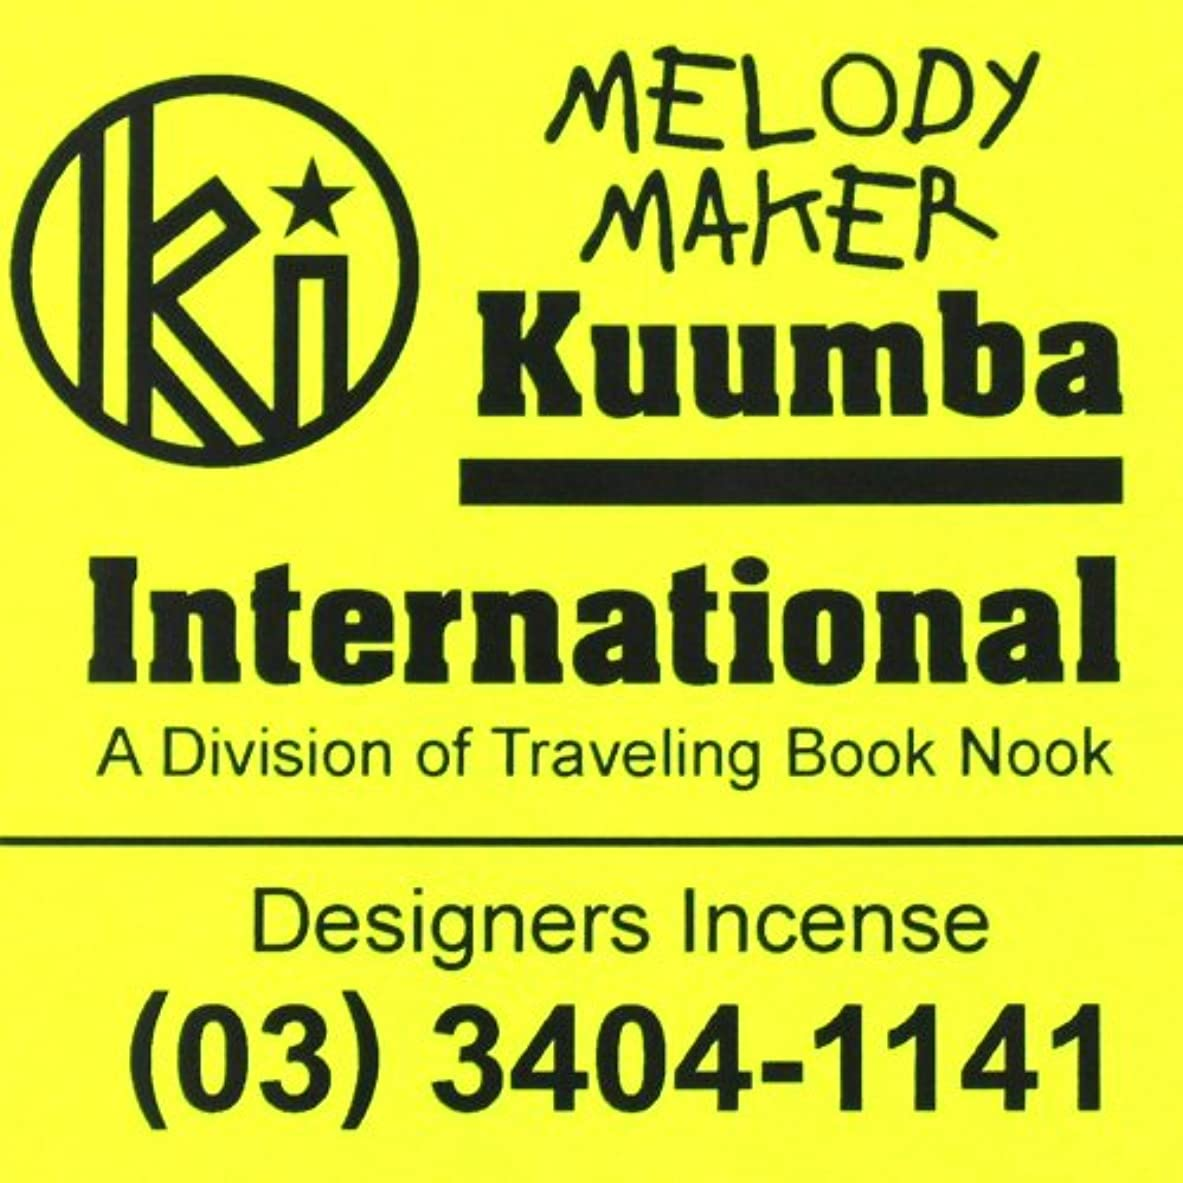 くしゃみ瞑想凍った(クンバ) KUUMBA『classic regular incense』(MELODY MAKER) (Regular size)